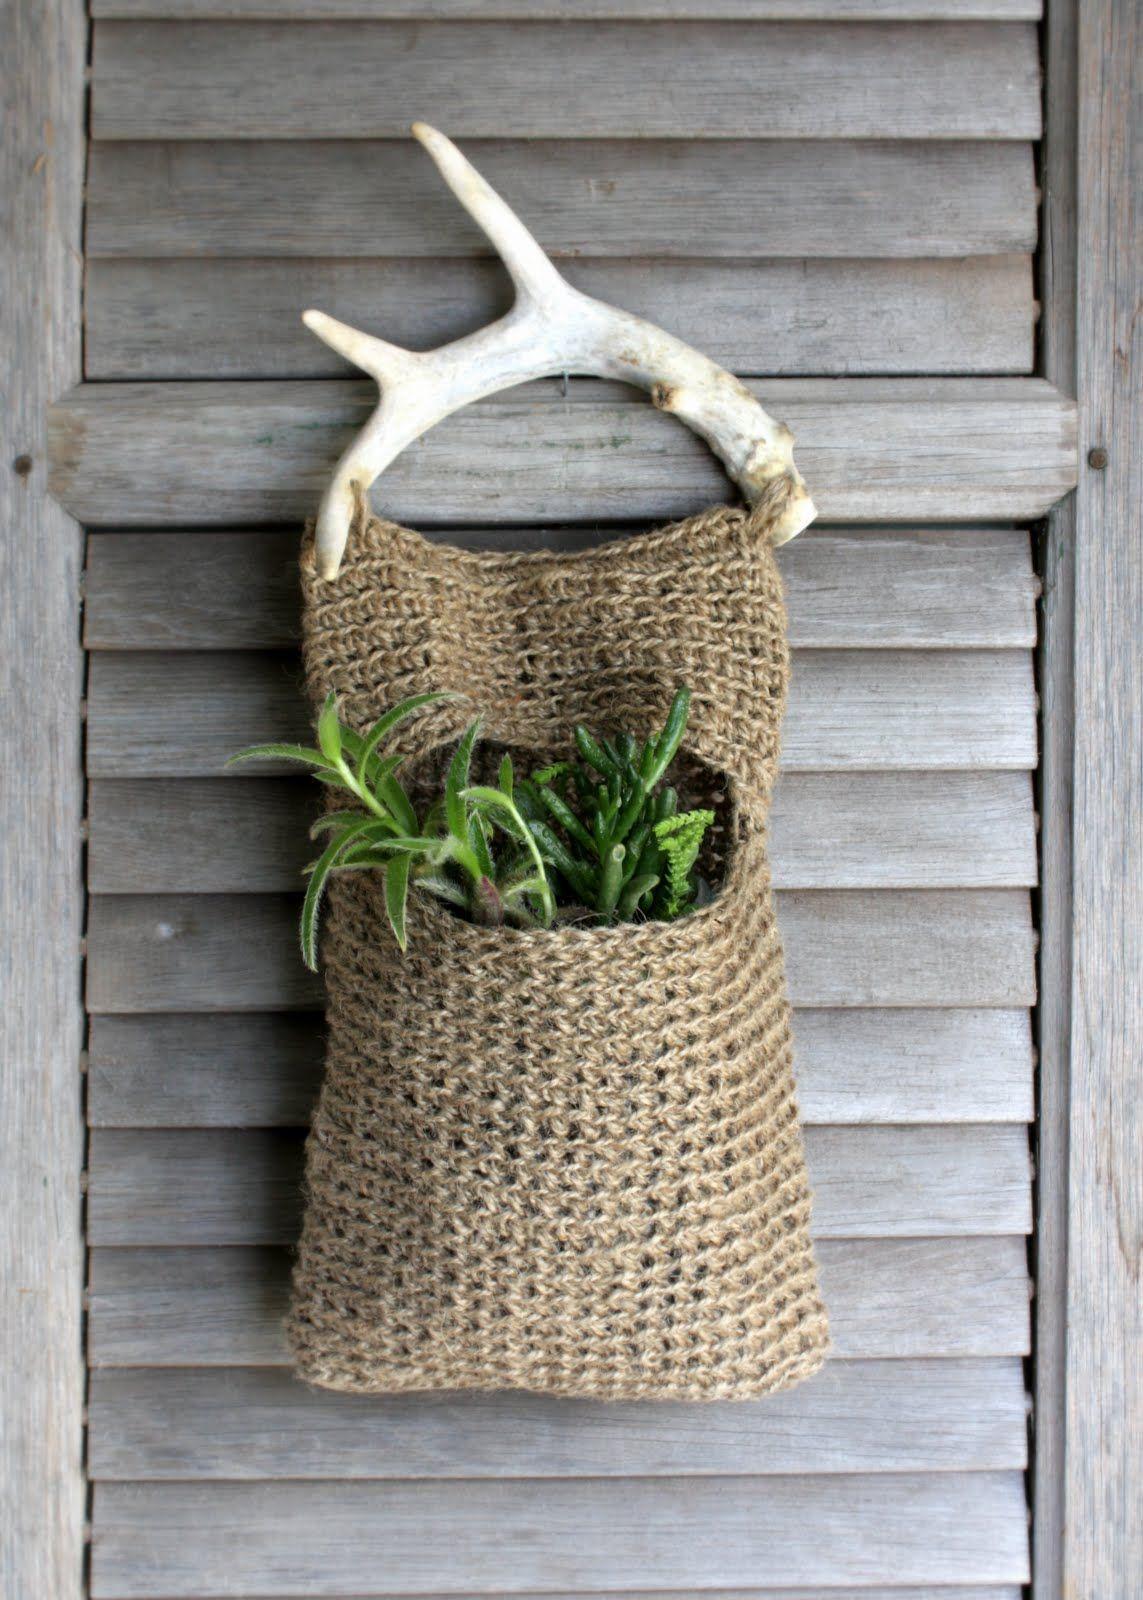 antlers + plants = plantlers? Plant hanger, Antlers